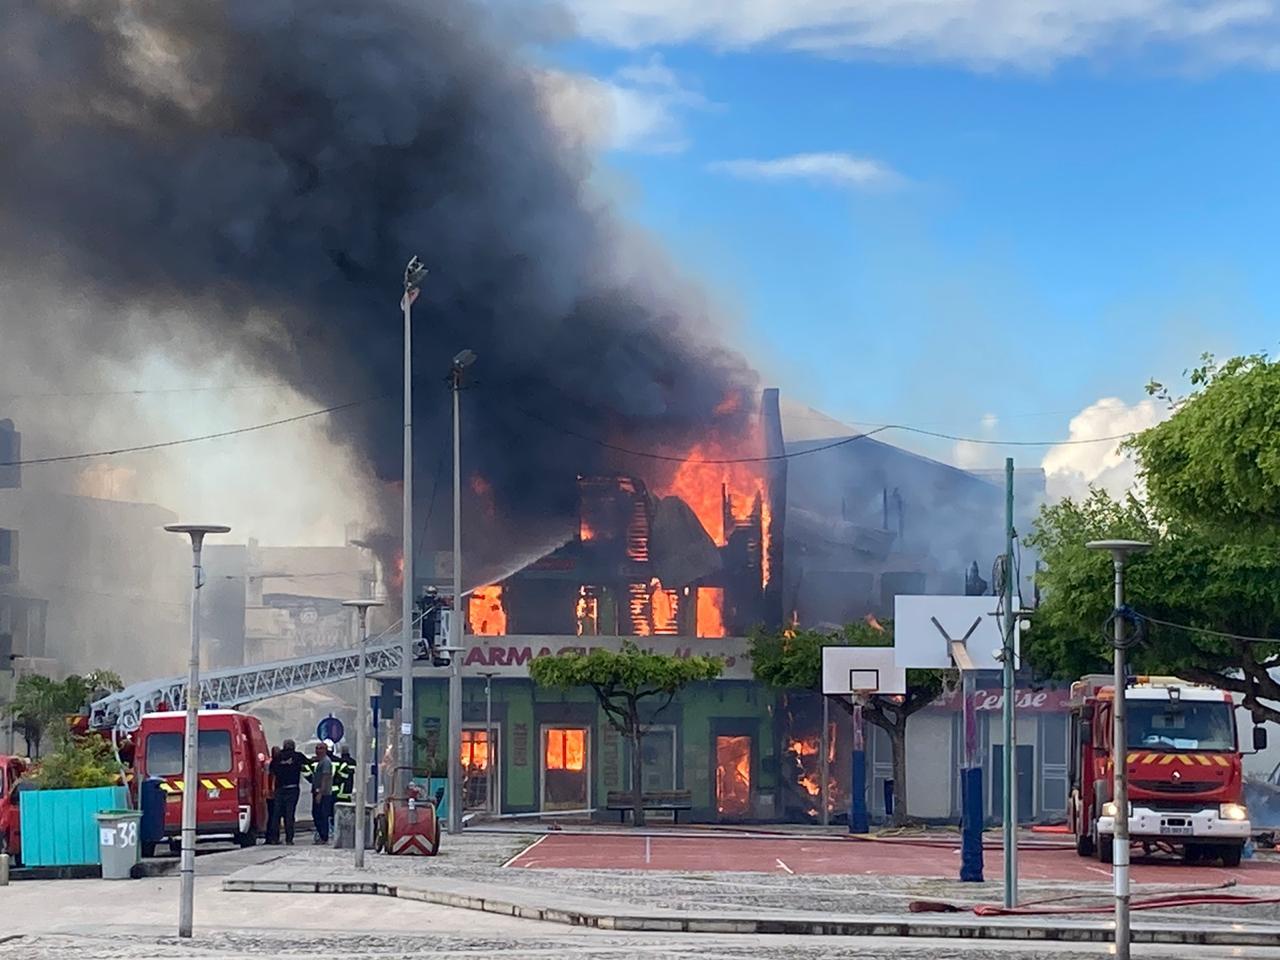 Incendie au Moule : une aide pour les professionnels de santé touchés